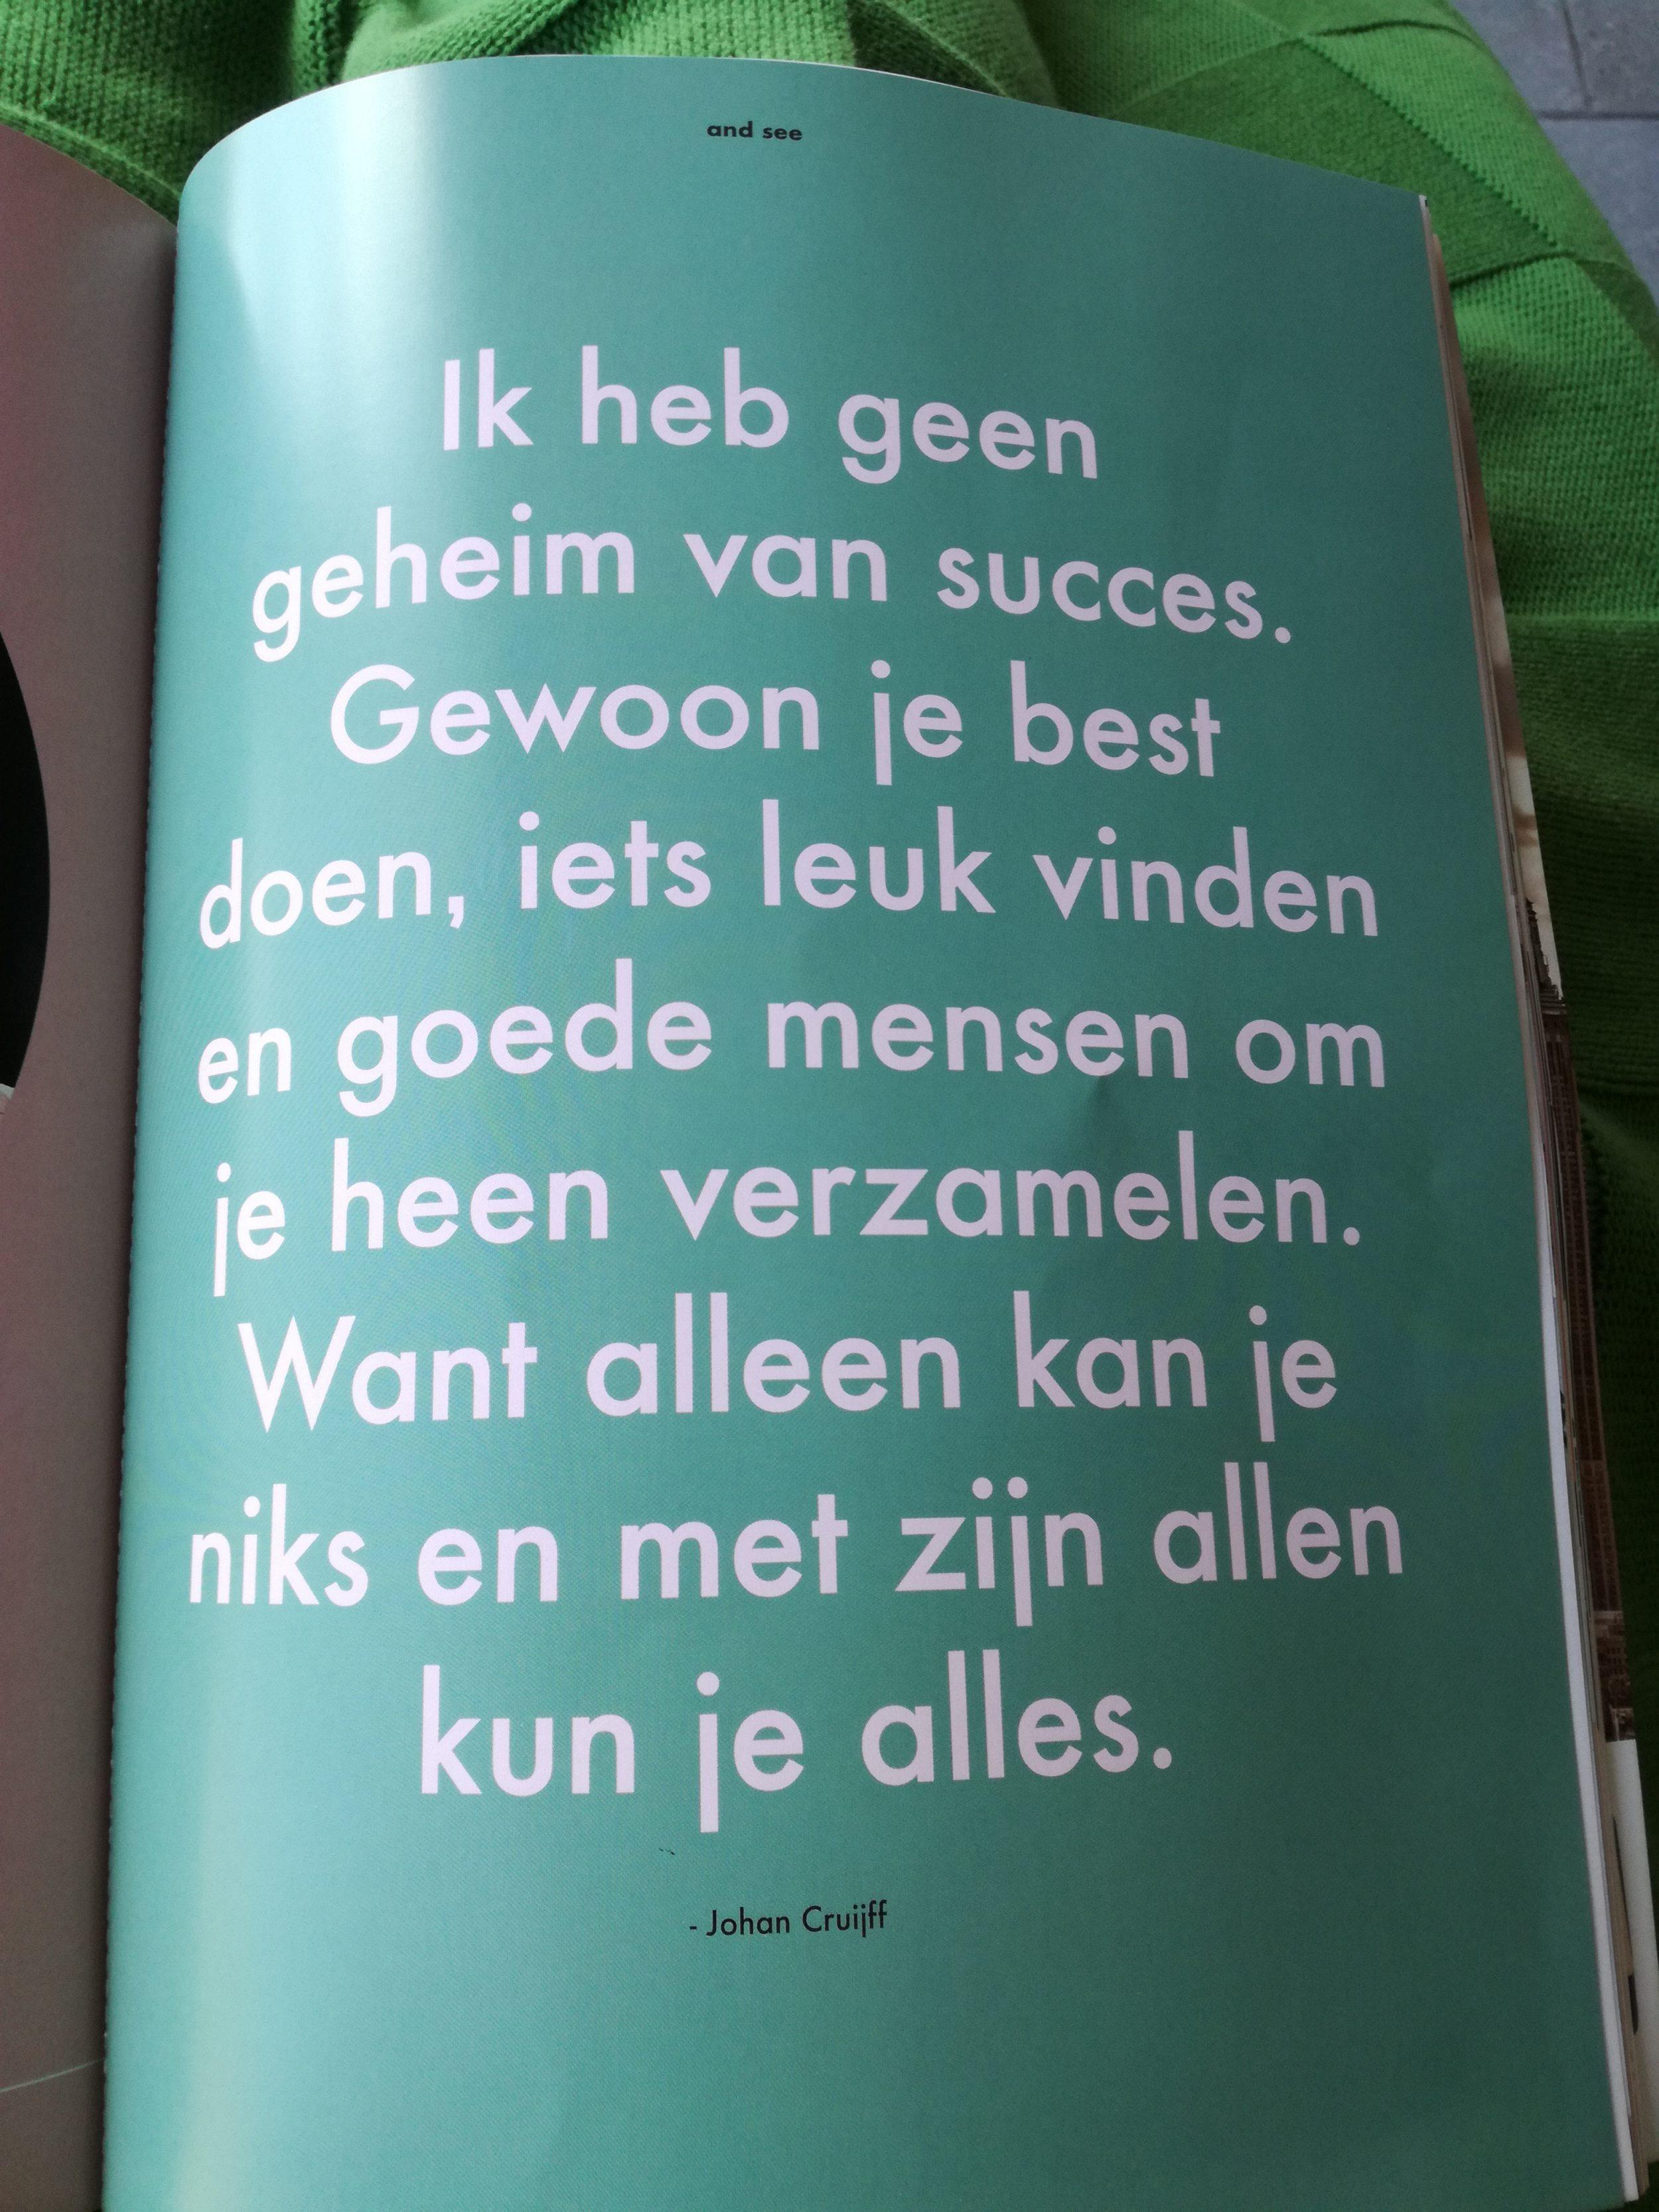 Wijze woorden van Johan Cruijff